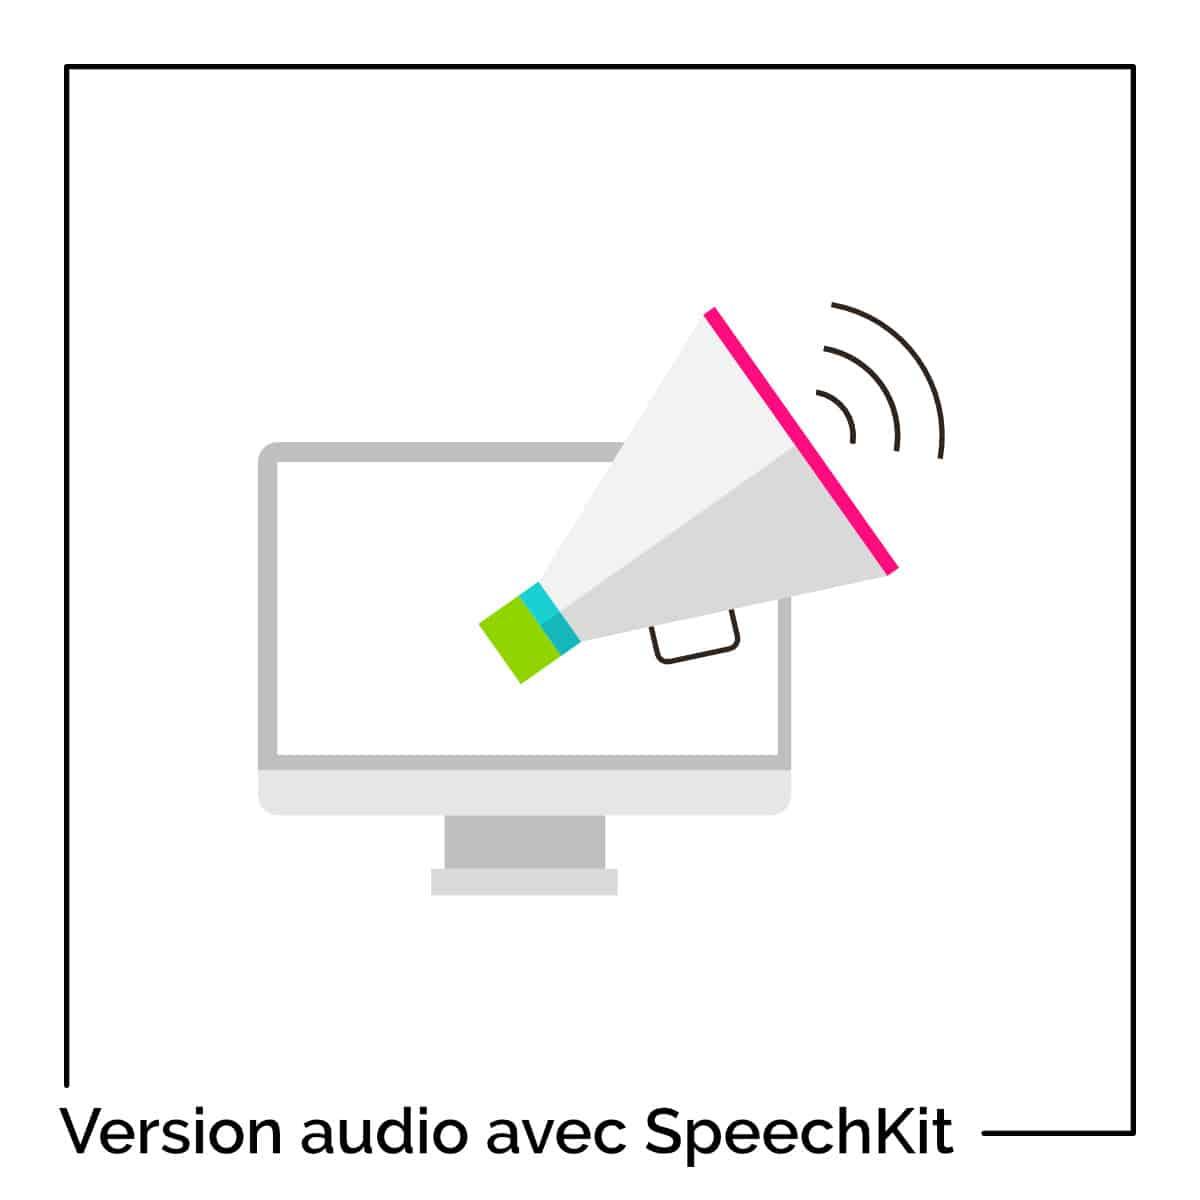 SpeechKit : un plugin pour proposer une version audio de vos articles et améliorer l'accessibilité de votre site